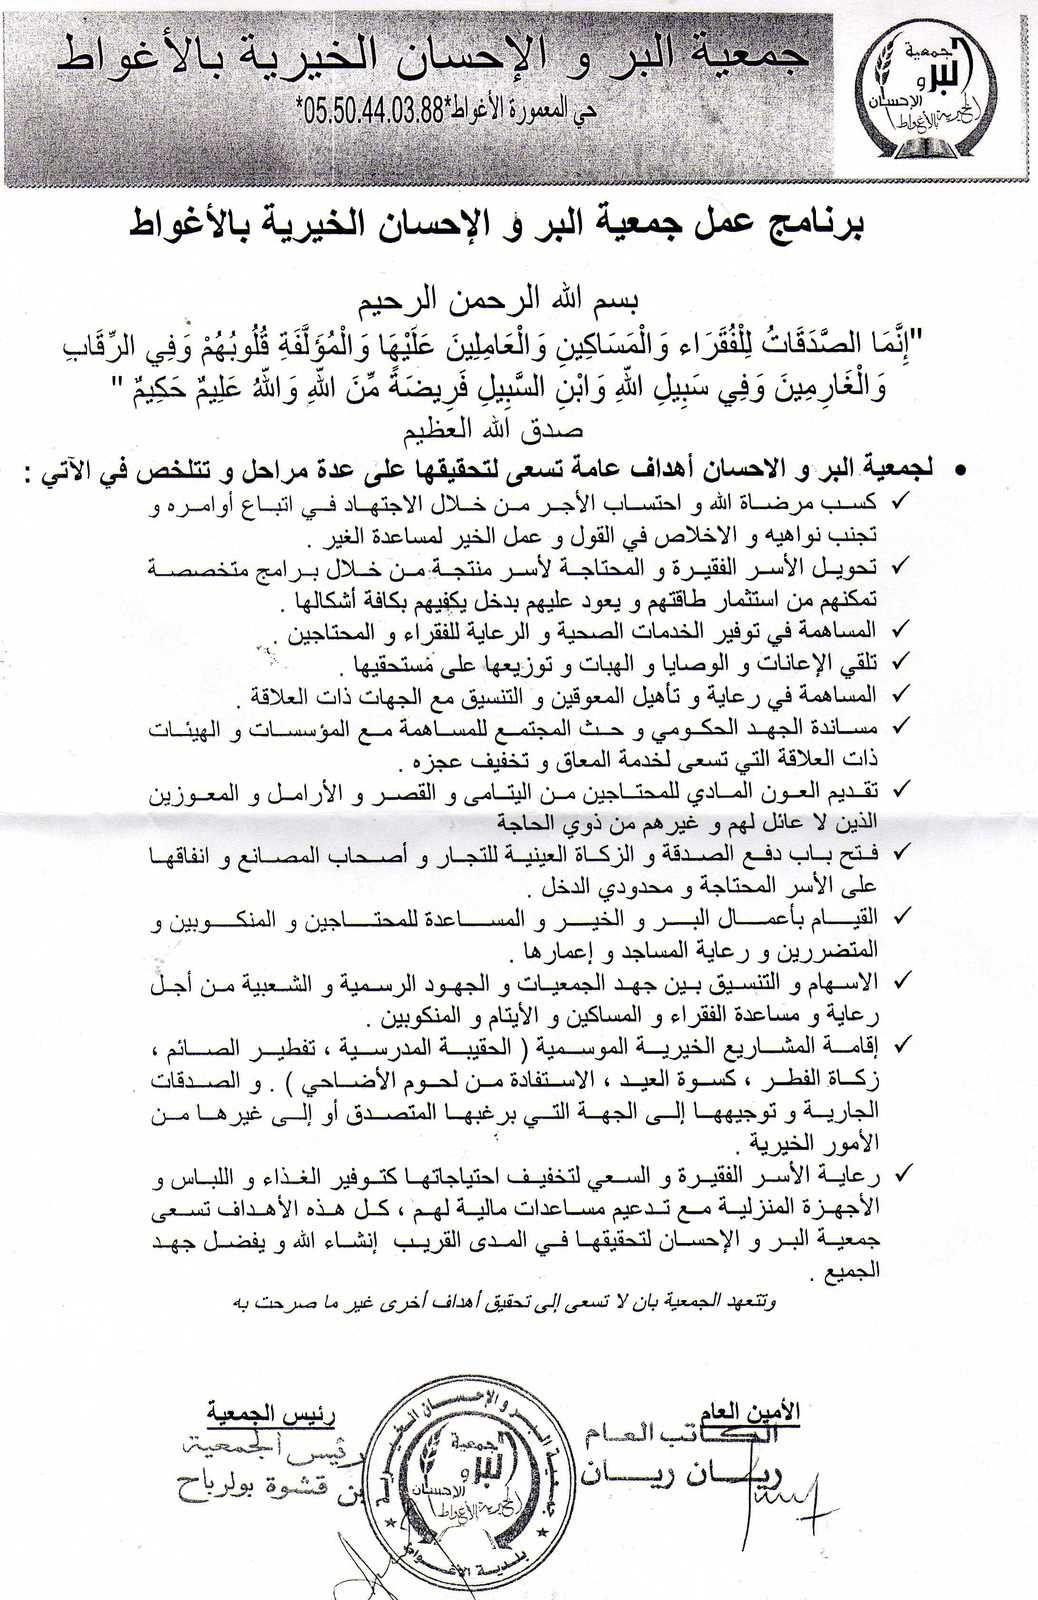 نظرة على برنامج جمعية البر و الاحسان بالاغواط